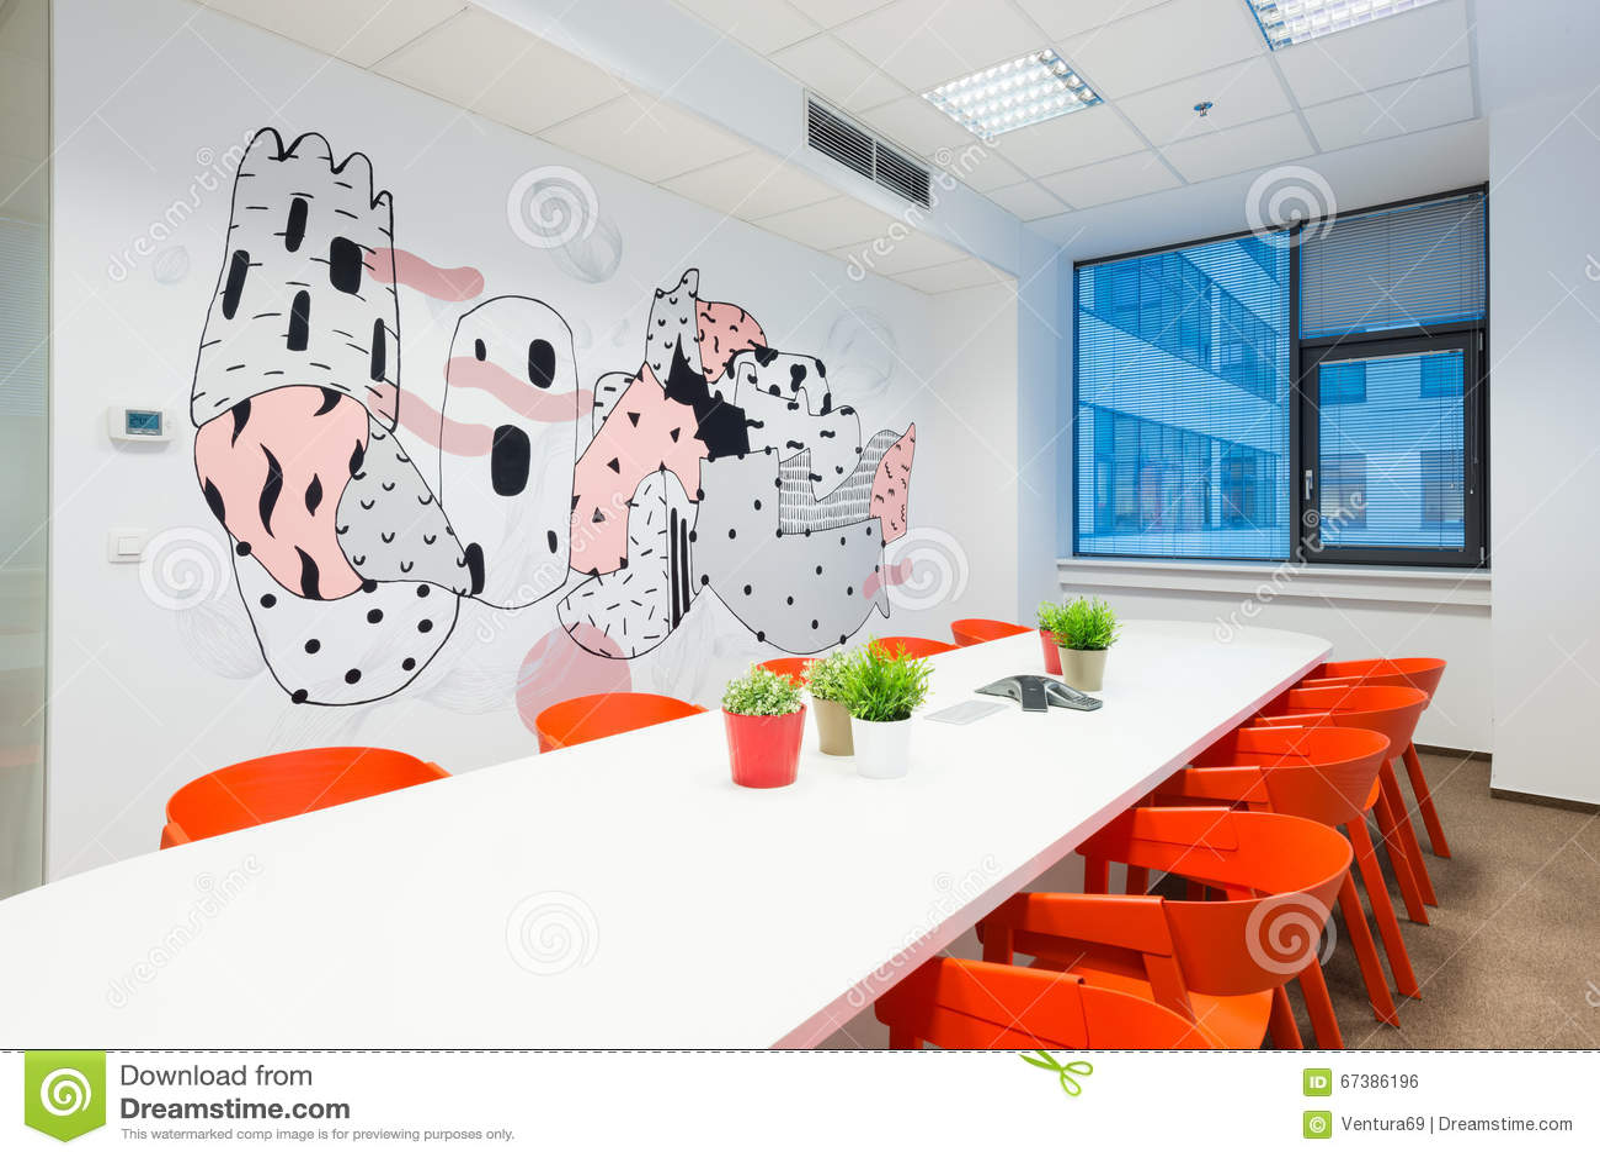 Office interiors created by Kivvi architects, Bratislava, Slovakia